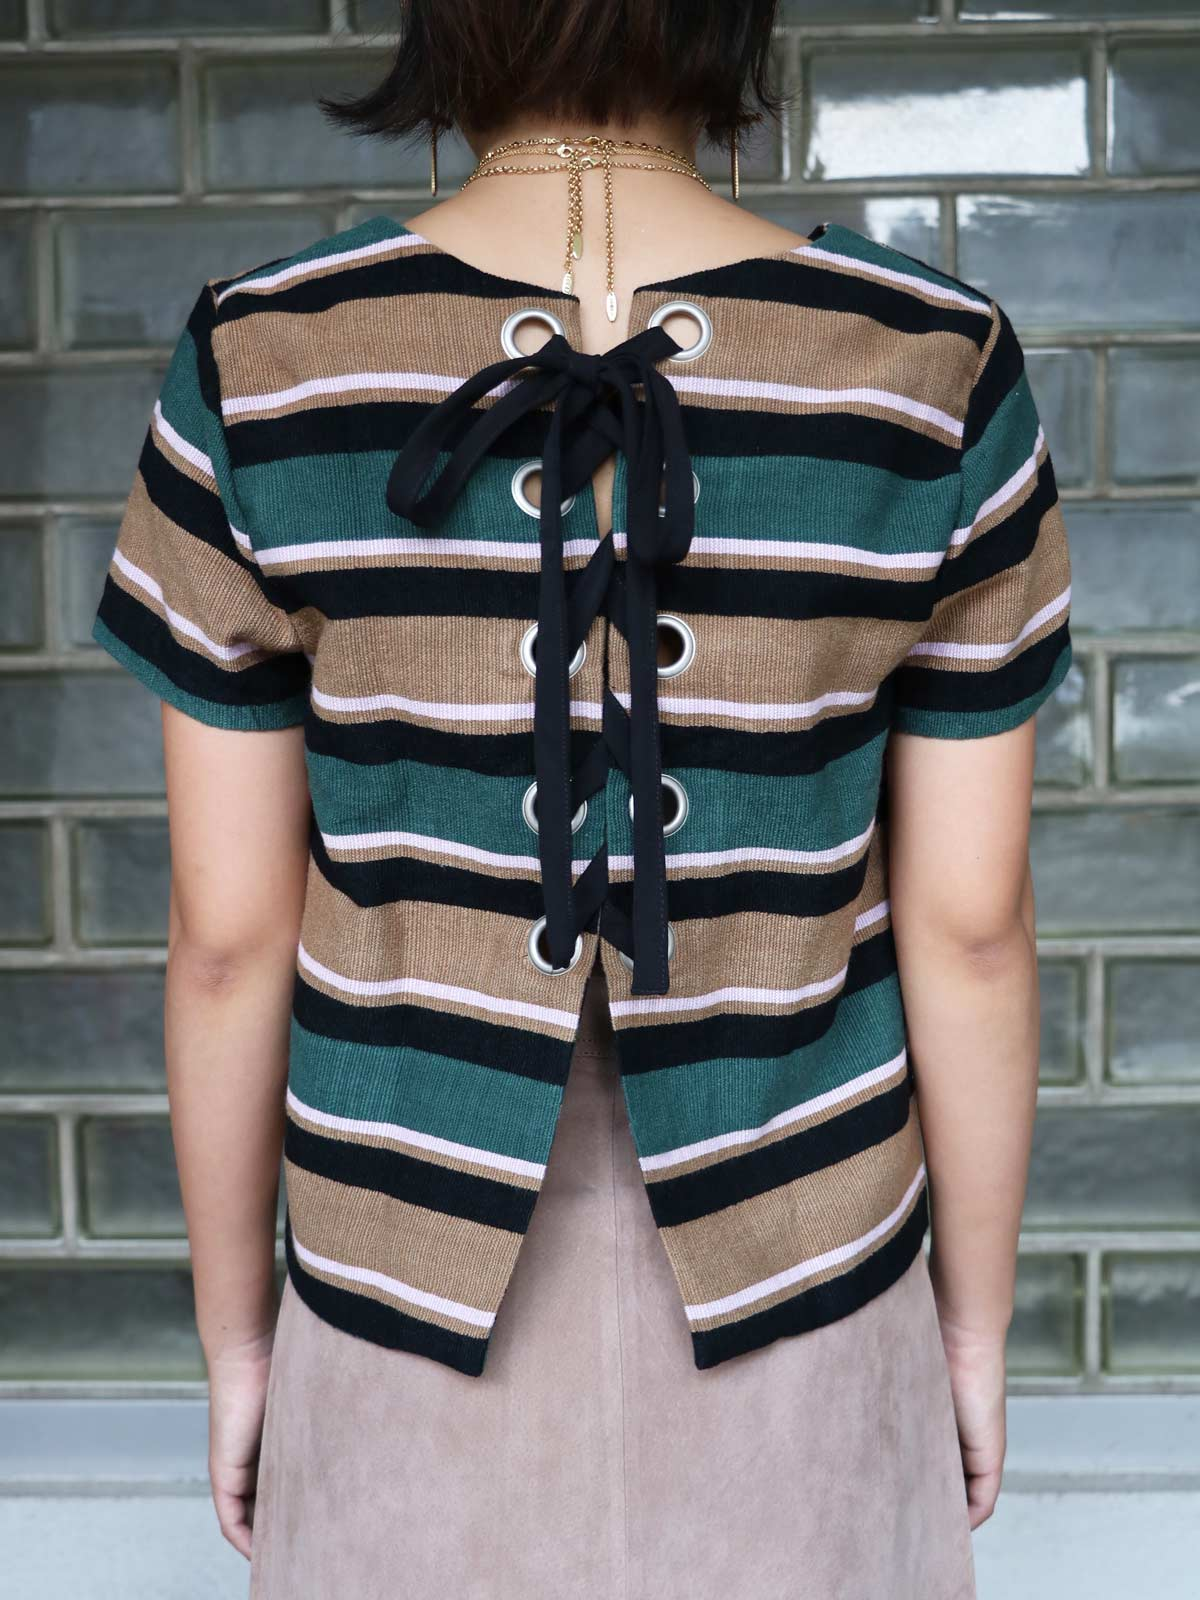 画像1: ★70%OFF★【J.O.A. / ジョア】Back Lace Up Stripe Top / バックレースアップストライプトップ[Multi] (1)